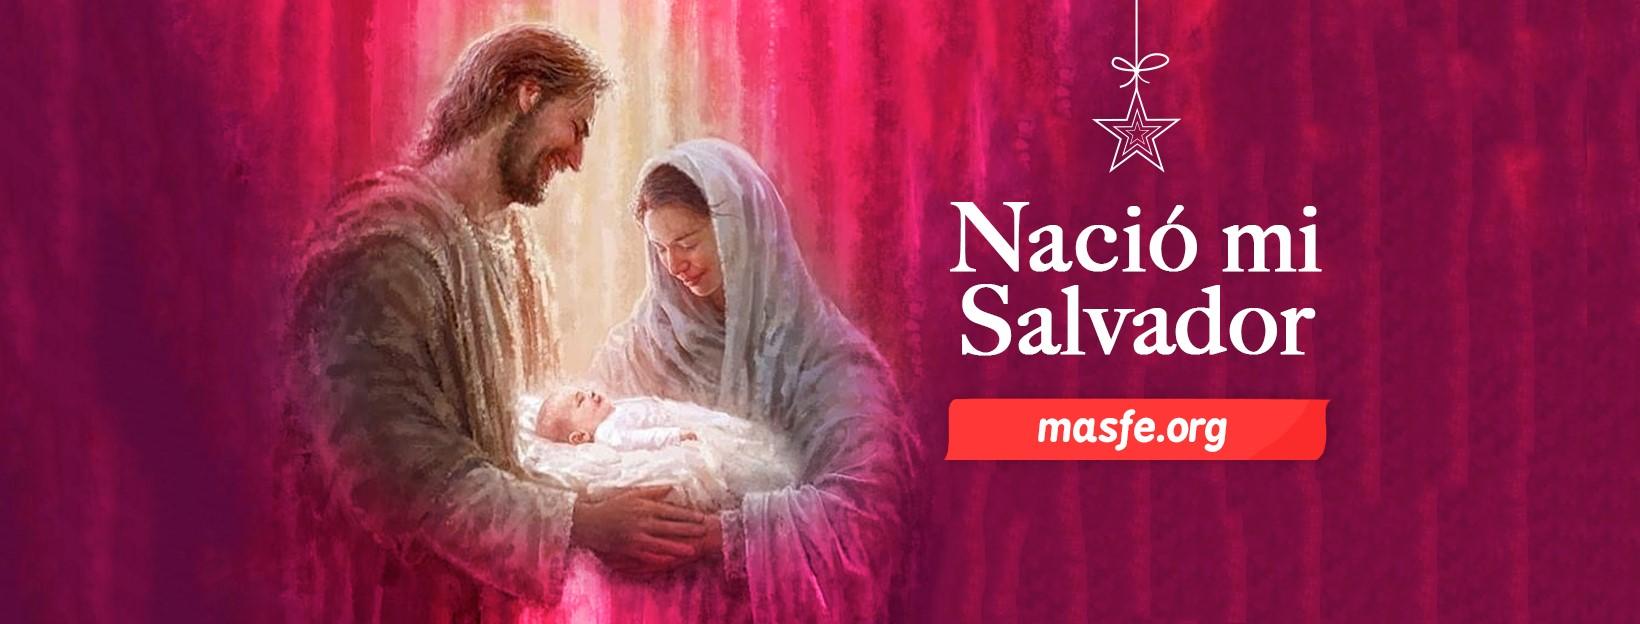 """""""Nació mi Salvador"""": La campaña para una Navidad especial por masfe.org"""